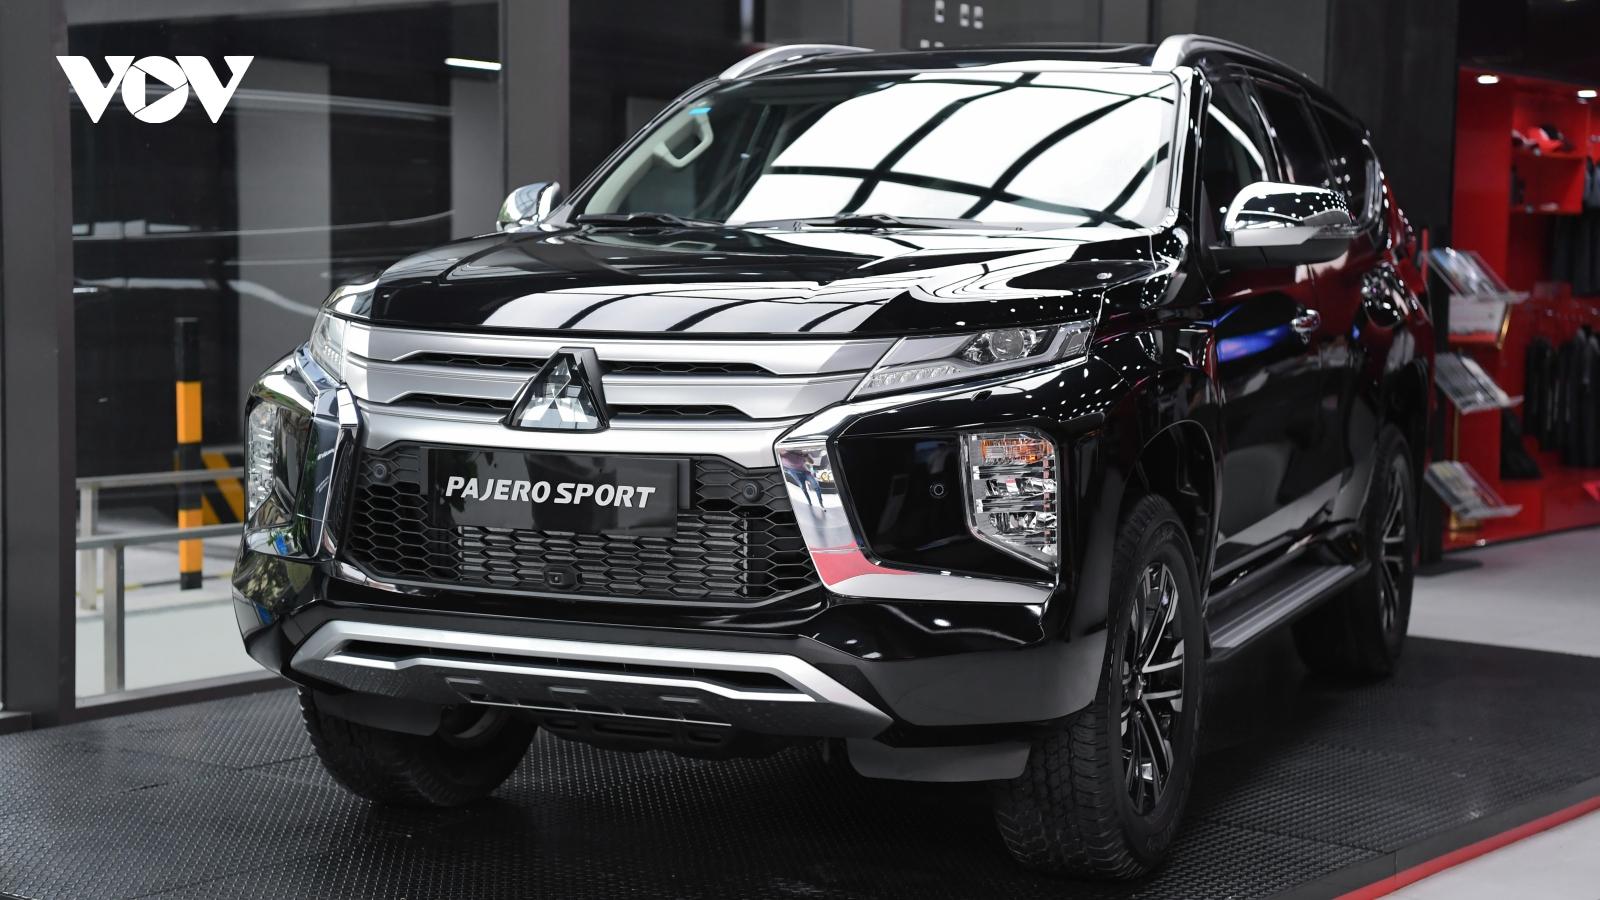 Cận cảnh Mitsubishi Pajero Sport 2020 giá hơn 1 tỷ đồng